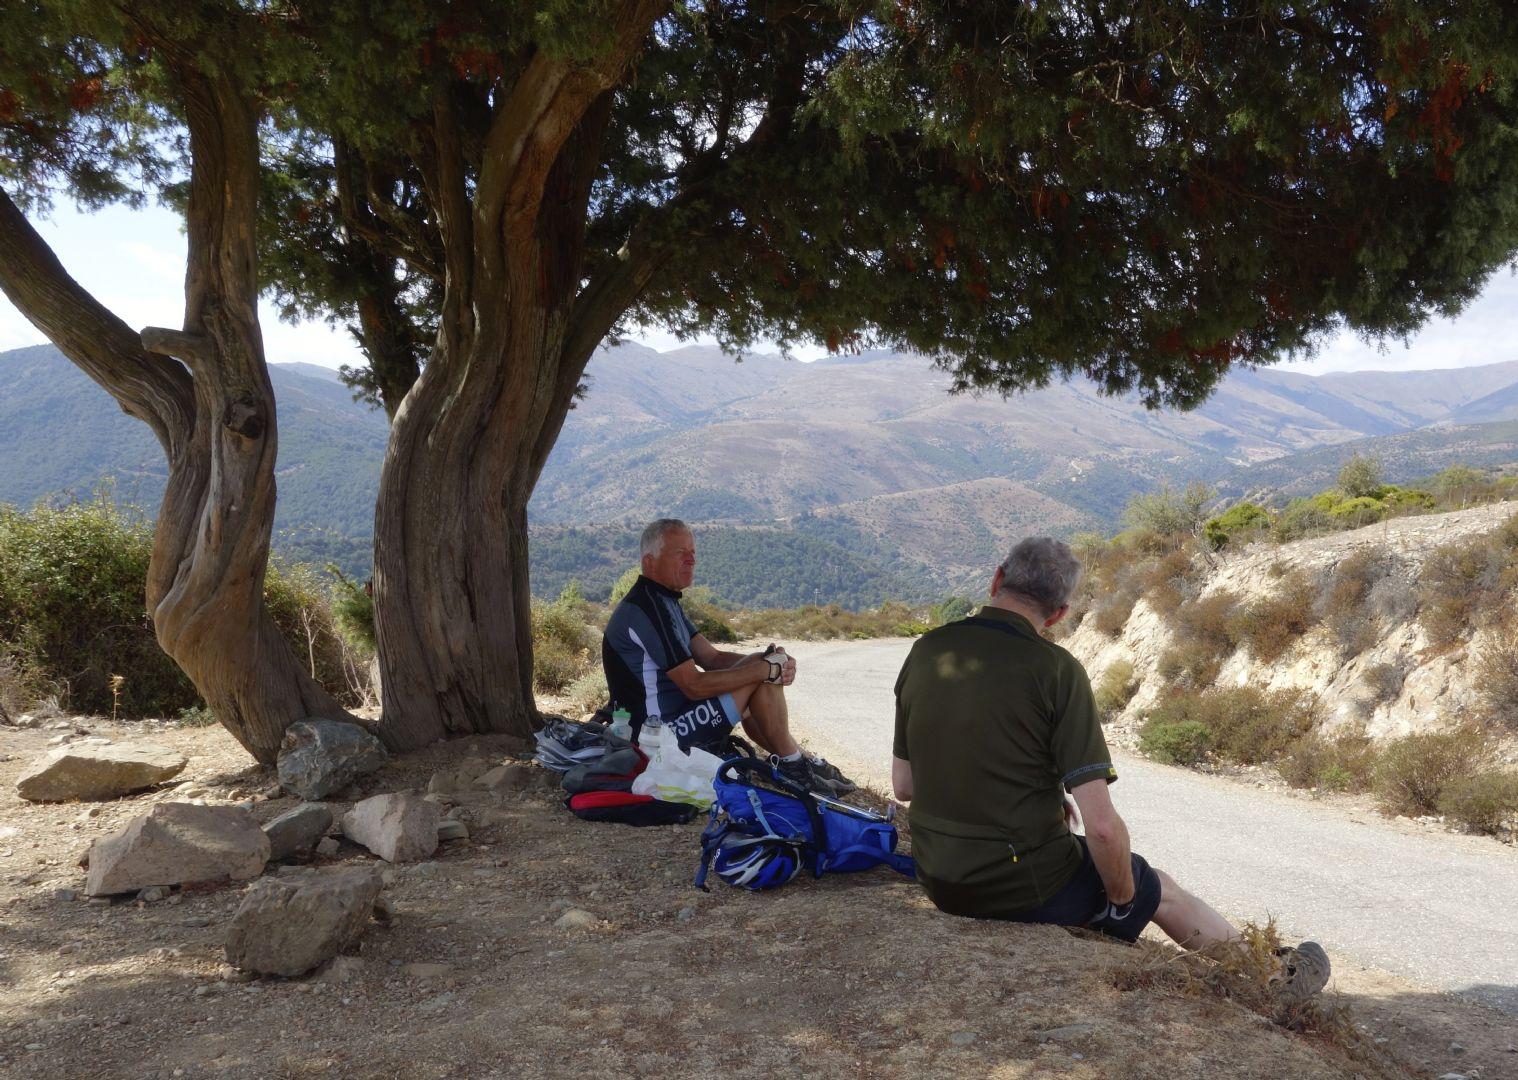 mountainbikingsardinia.jpg - Sardinia - Coast to Coast - Mountain Biking